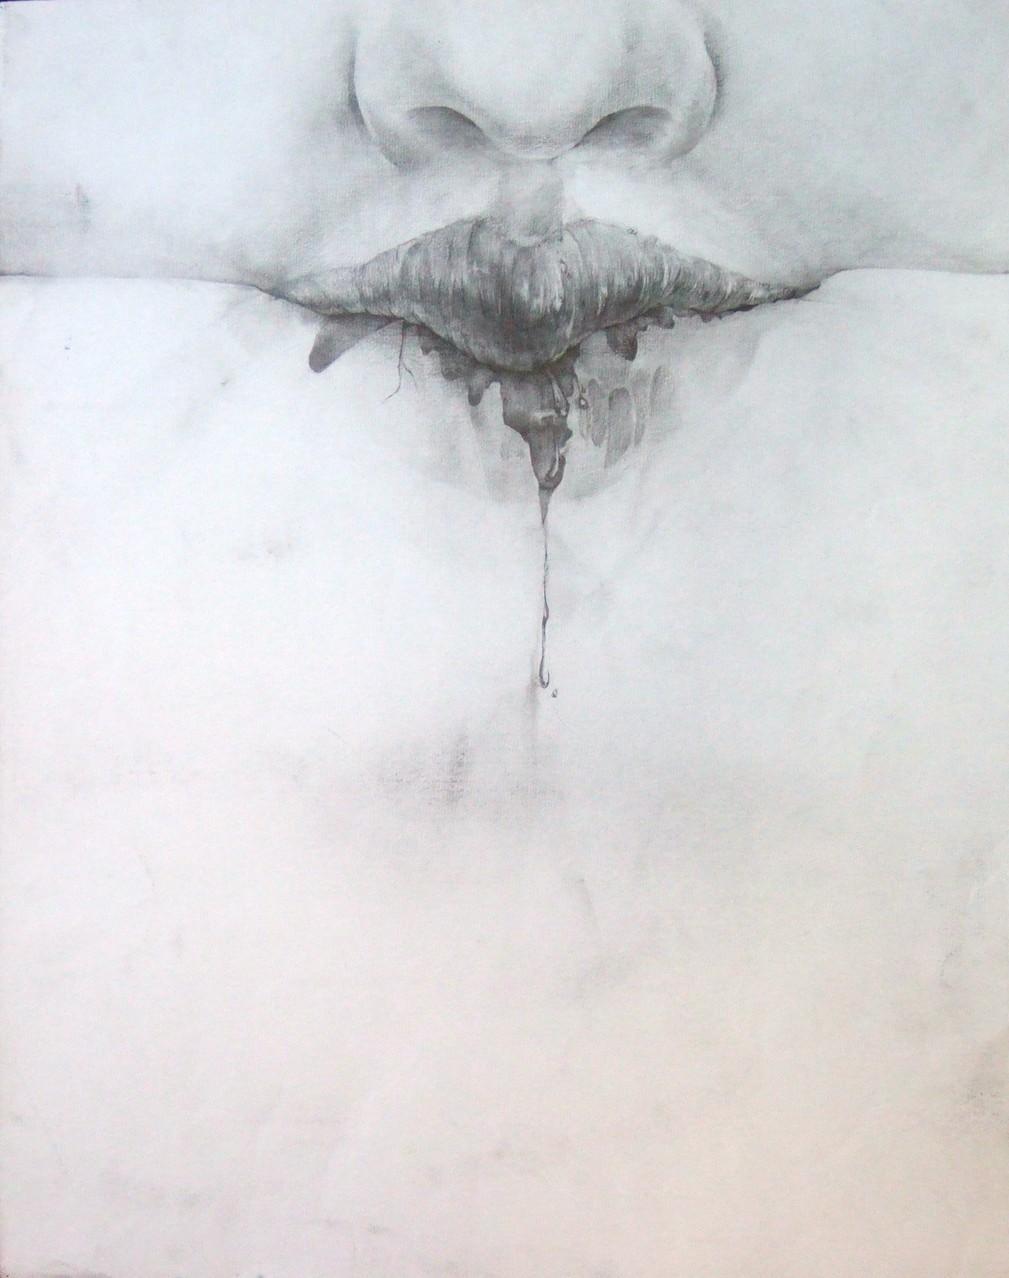 生徒作品25 鉛筆デッサン<イメージ構成:自分をテーマにして> 木炭紙大 【油画系】